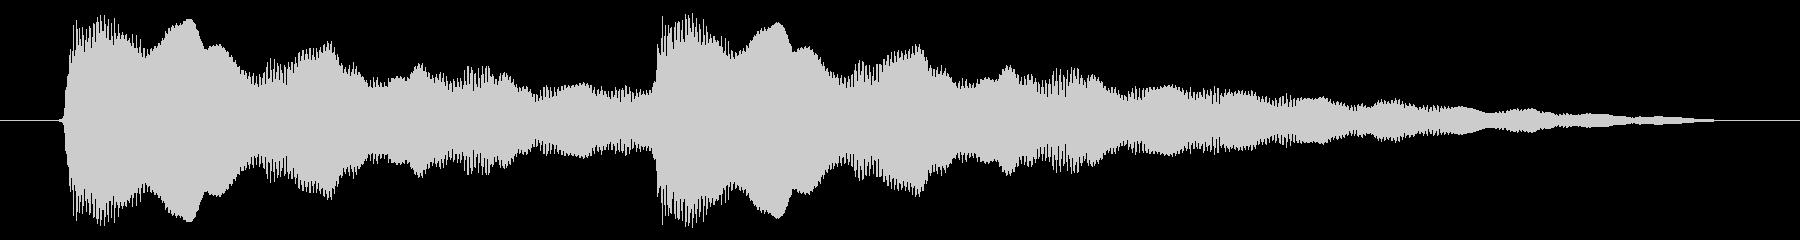 ニュース アラート02-4(遠い)の未再生の波形